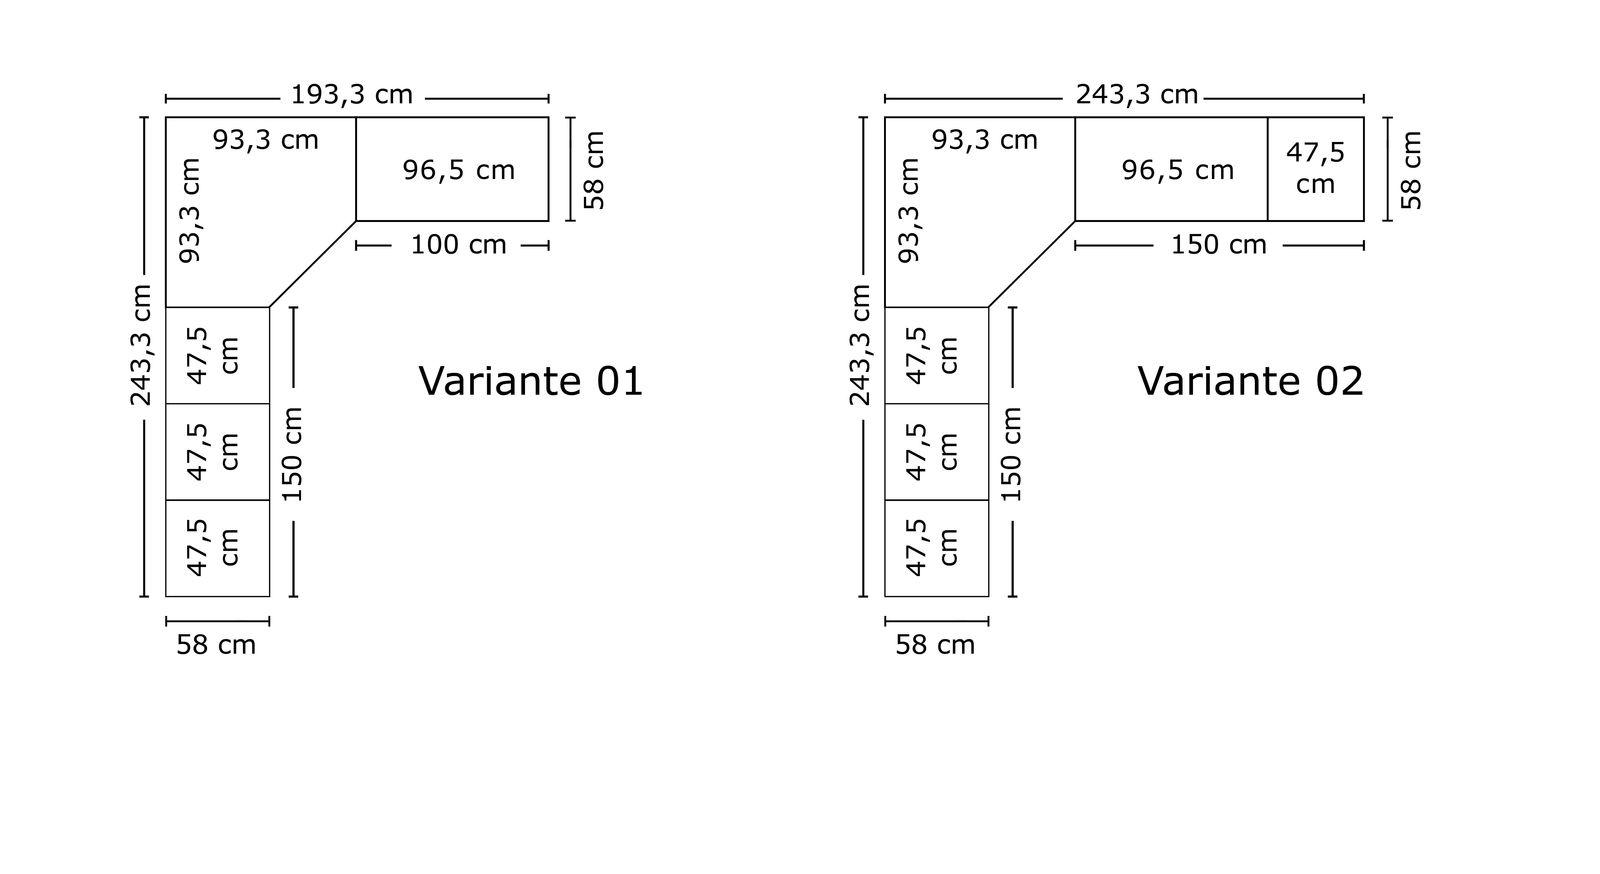 Grafik der Breitenverhältnisse vom Eck-Kleiderschrank Karia